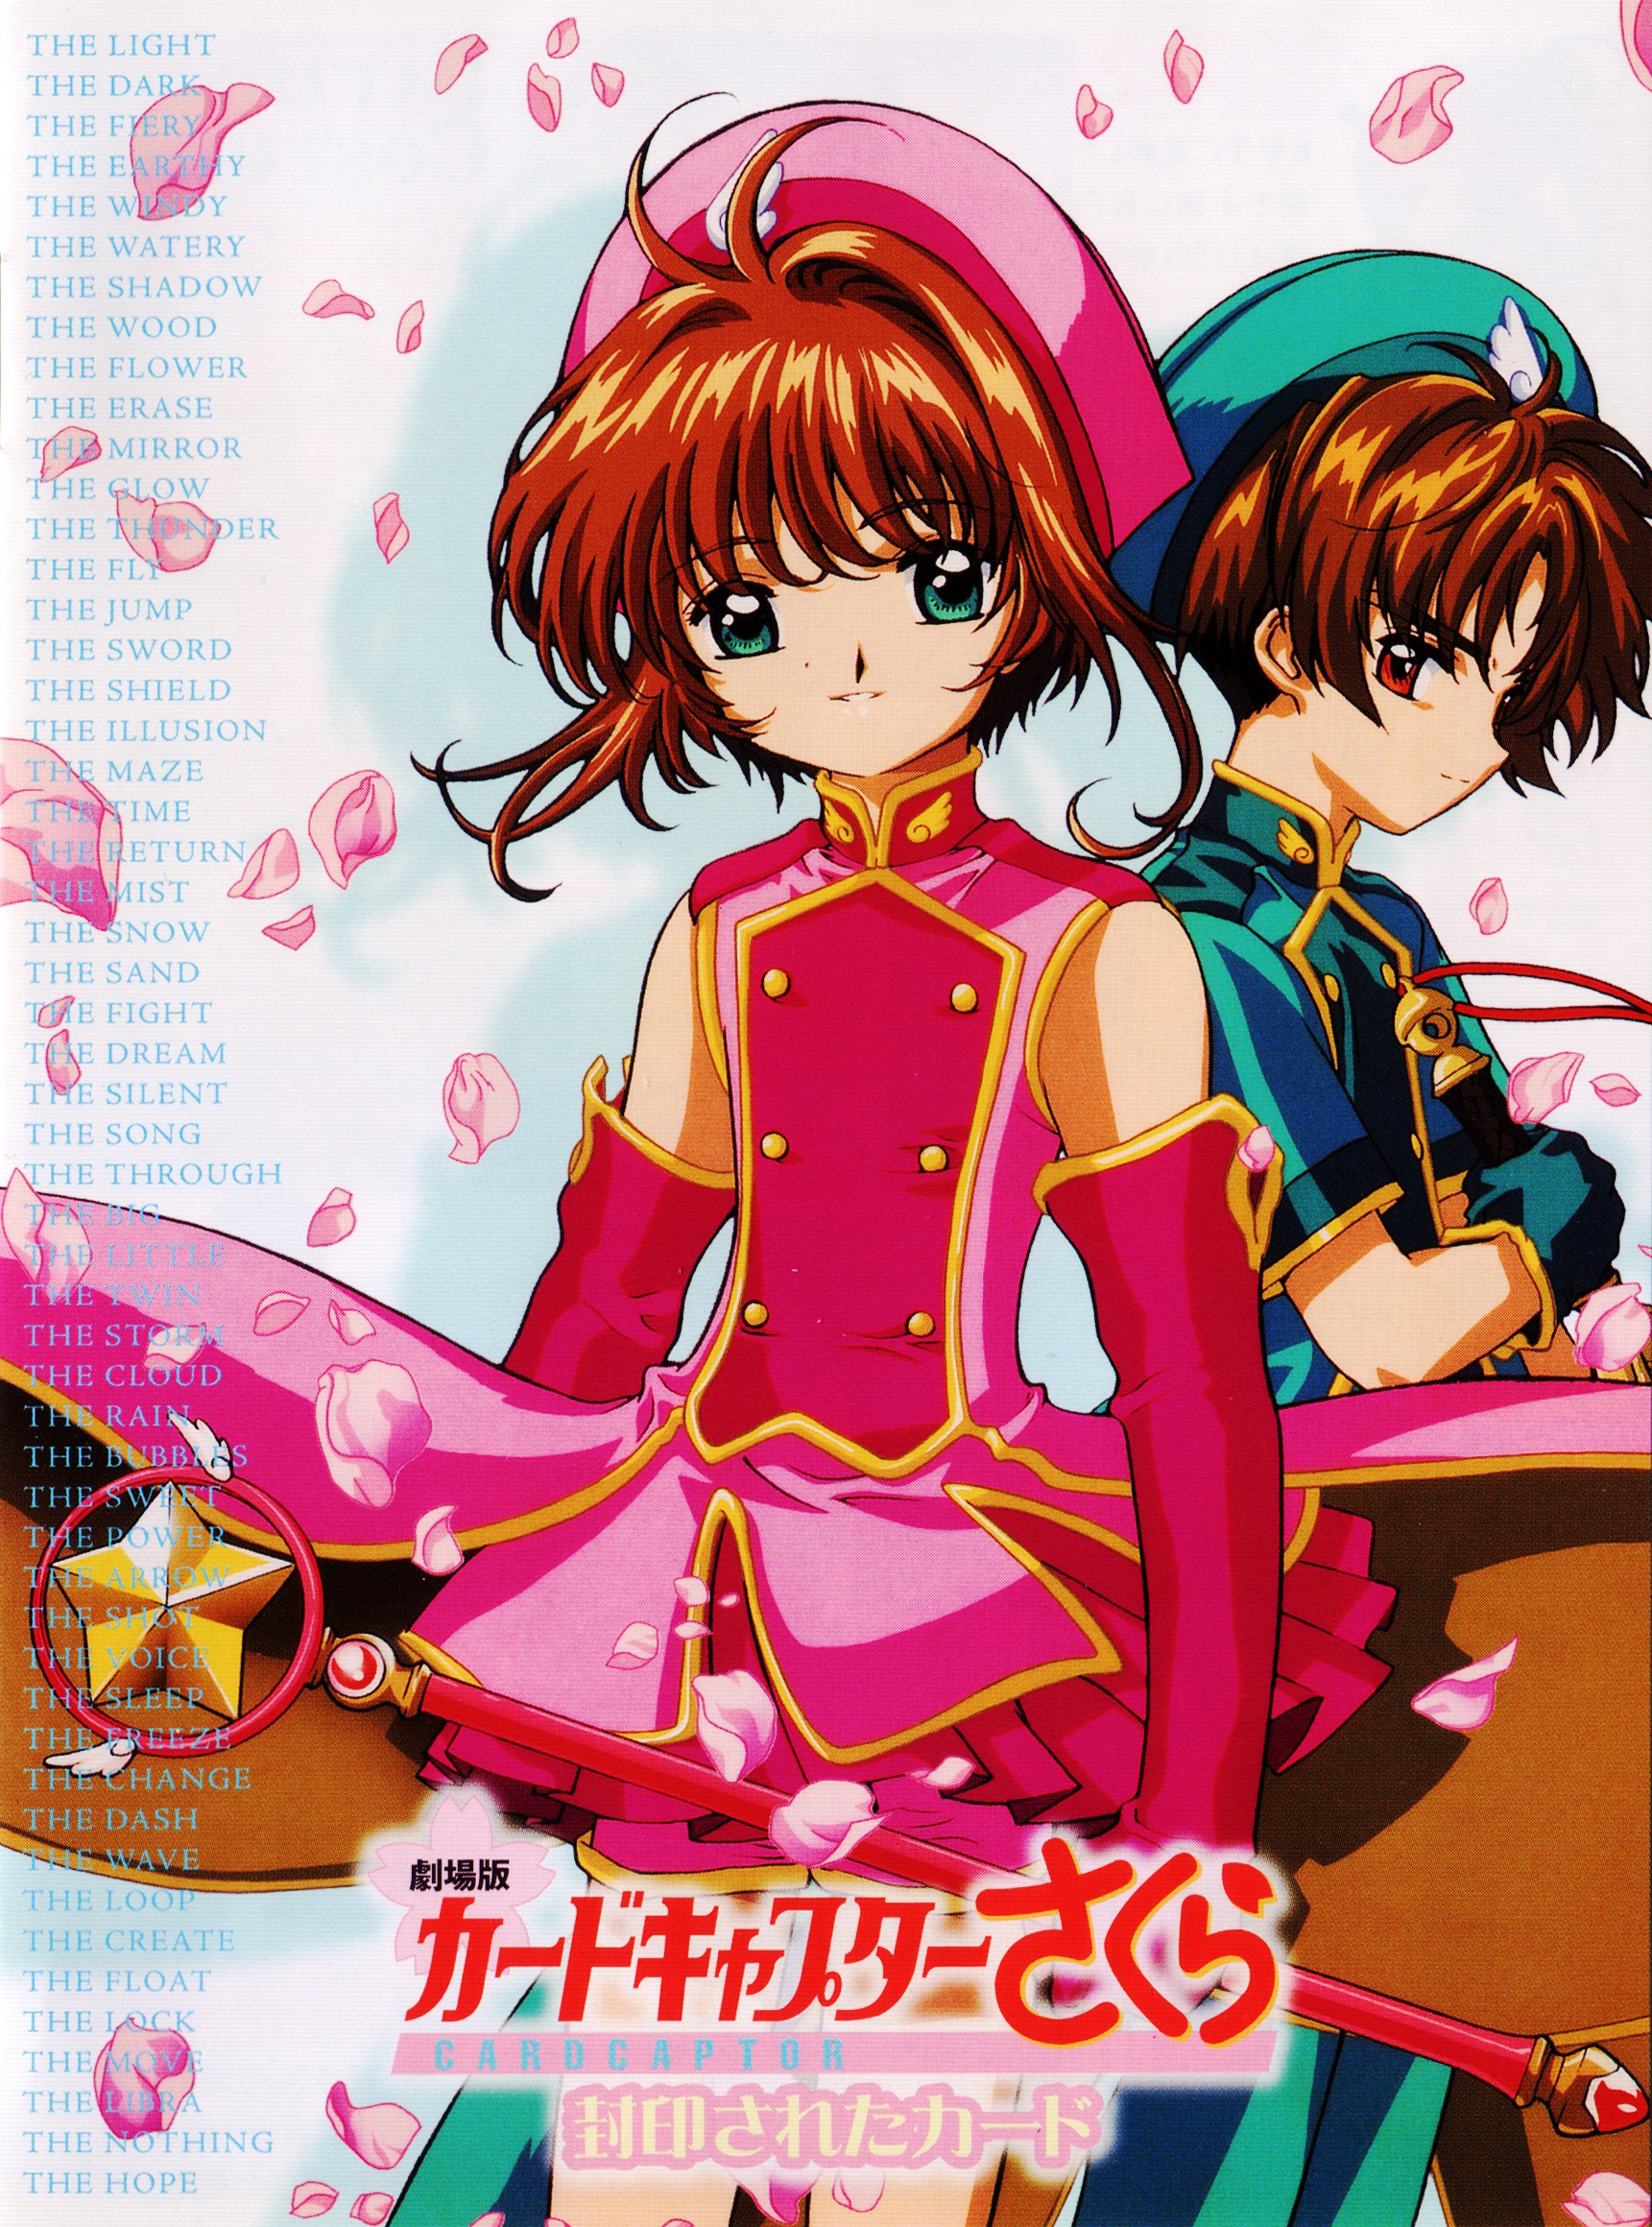 Thủ Lĩnh Thẻ Bài phim dài 2 - Cardcaptor Sakura Movie 2: The Sealed Card